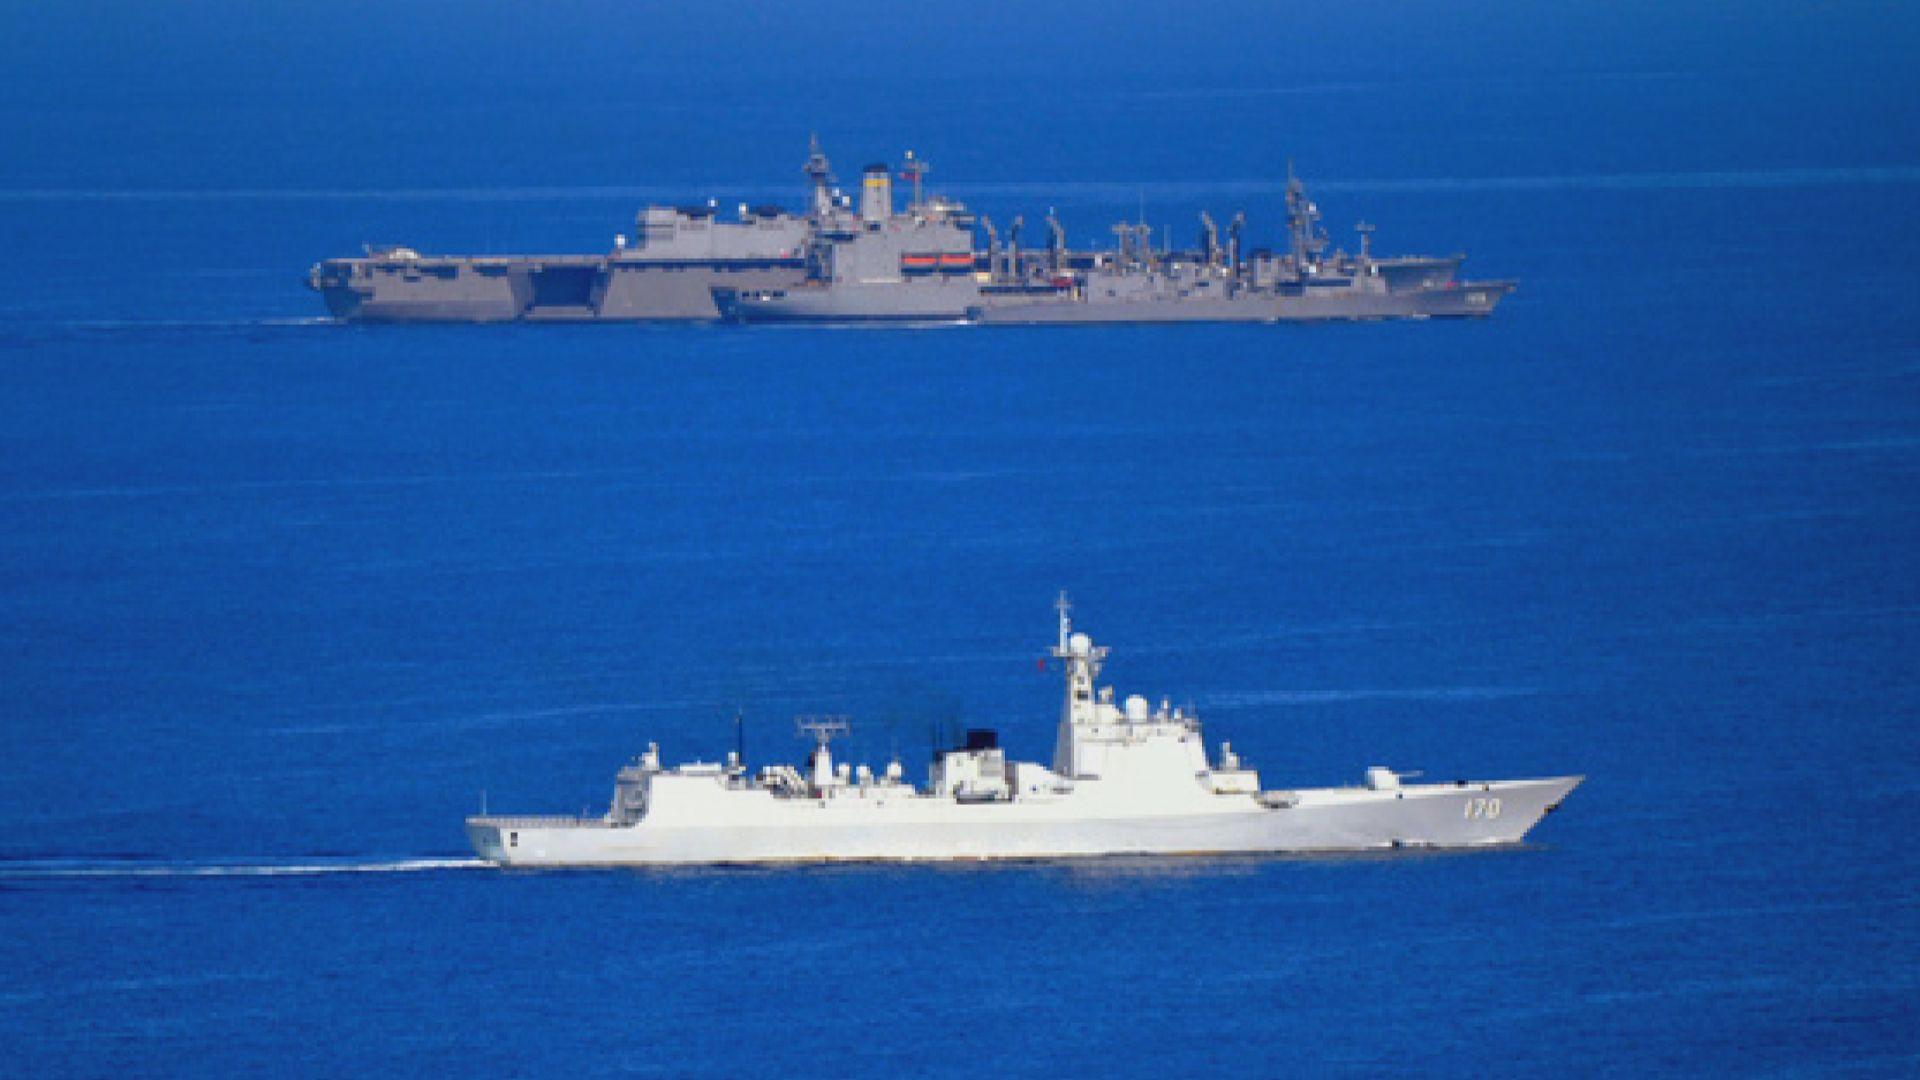 解放軍艦在南海近距離監視美軍艦為日護衛艦補給